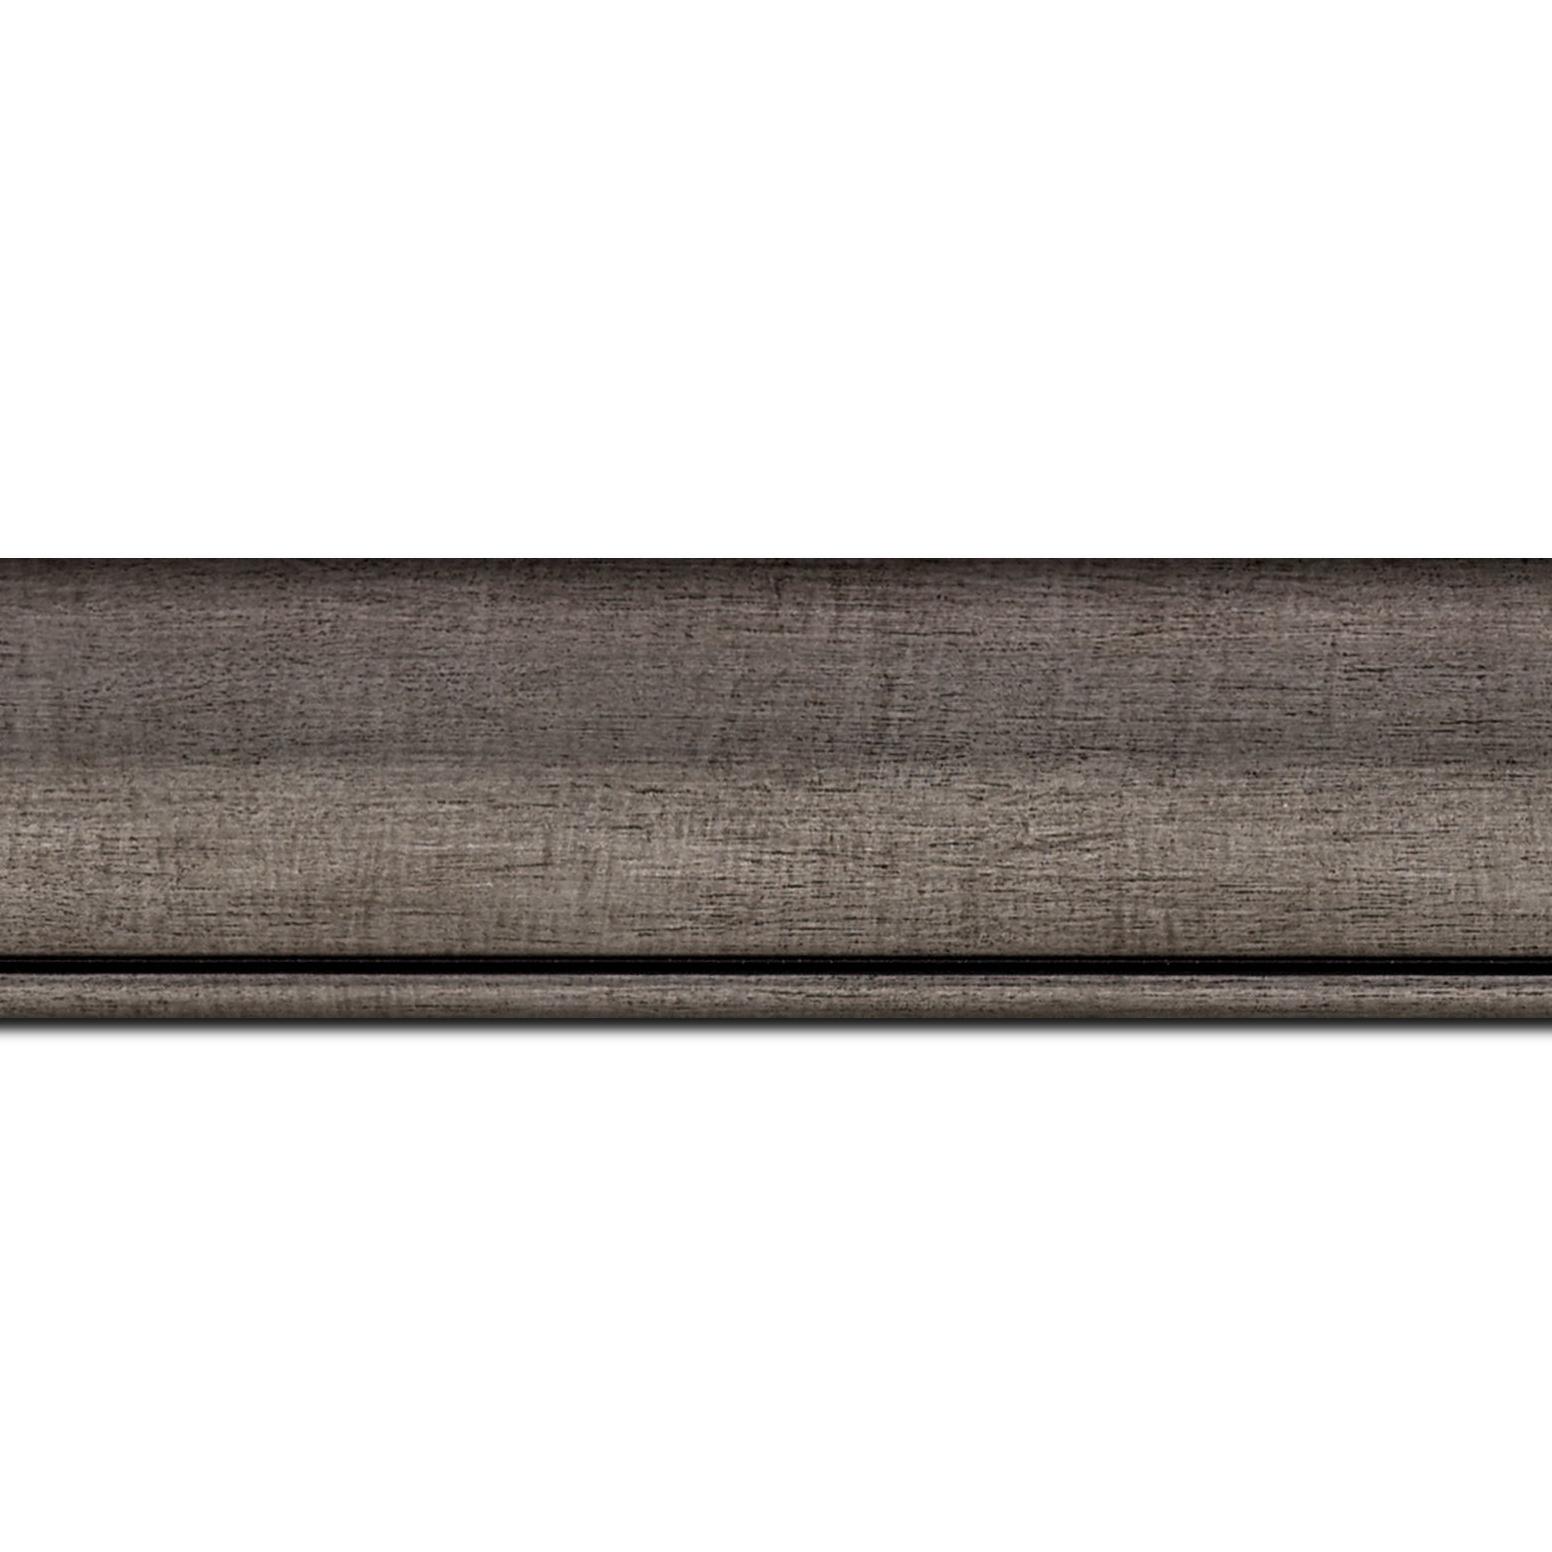 Pack par 12m, bois profil arrondi largeur 4.7cm couleur plomb rehaussé d'un filet noir(longueur baguette pouvant varier entre 2.40m et 3m selon arrivage des bois)